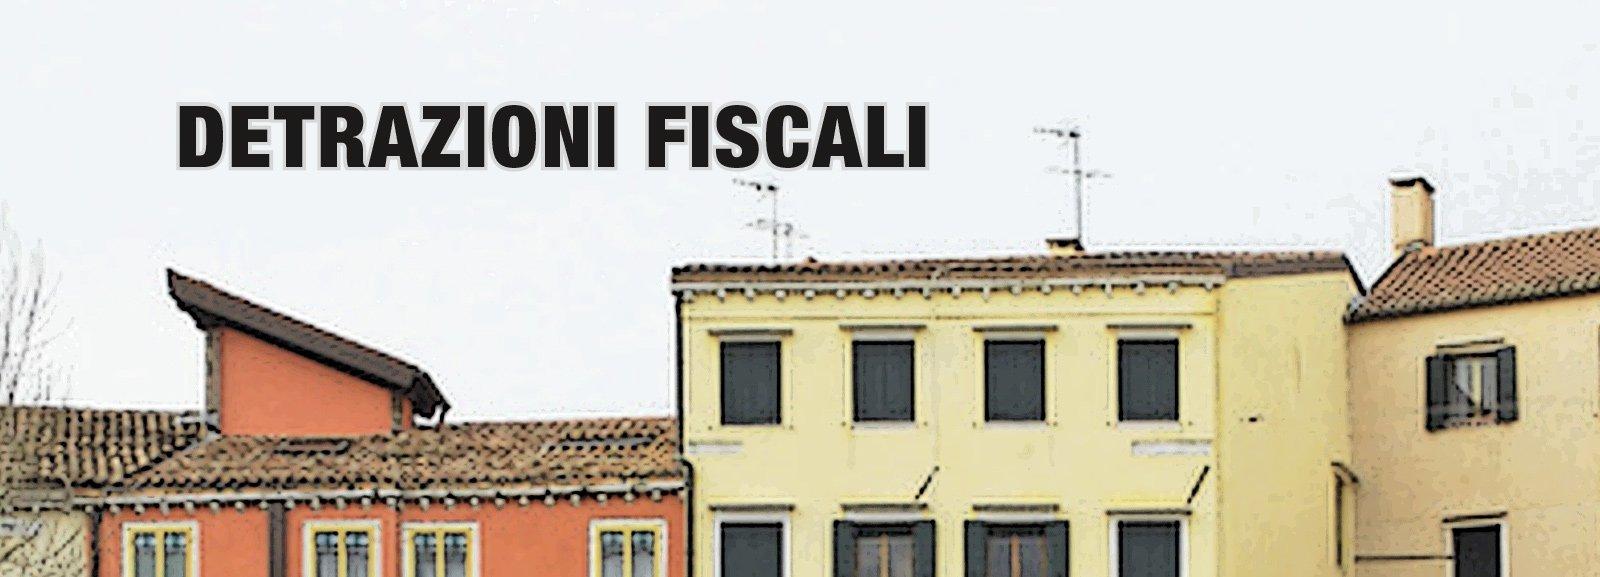 Detrazioni fiscali casa le risposte del commercialista cose di casa - Detrazioni fiscali ristrutturazione seconda casa ...